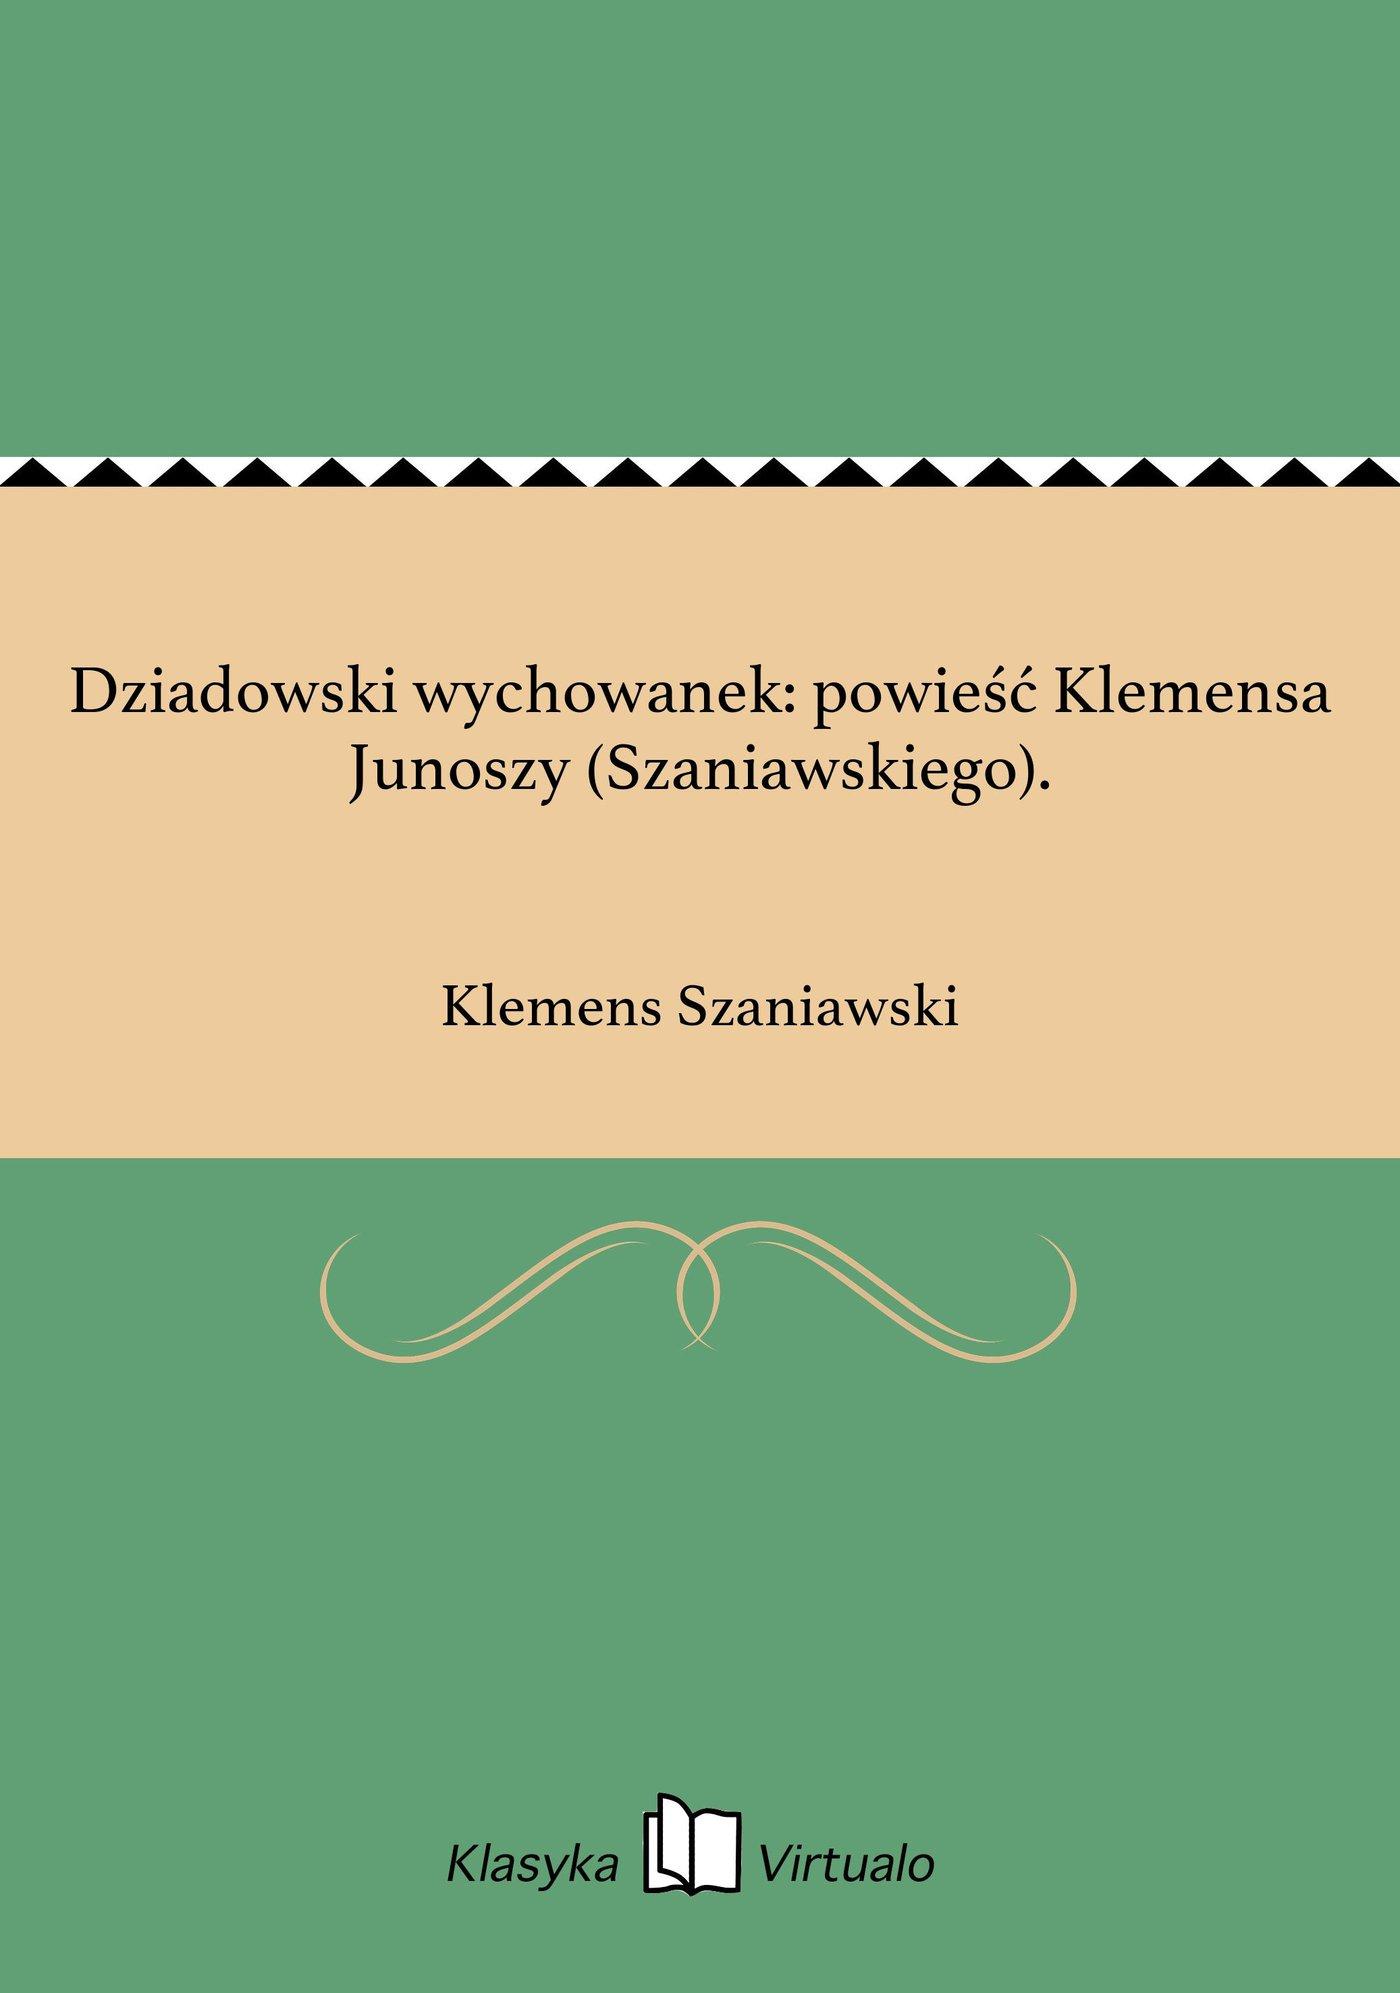 Dziadowski wychowanek: powieść Klemensa Junoszy (Szaniawskiego). - Ebook (Książka EPUB) do pobrania w formacie EPUB